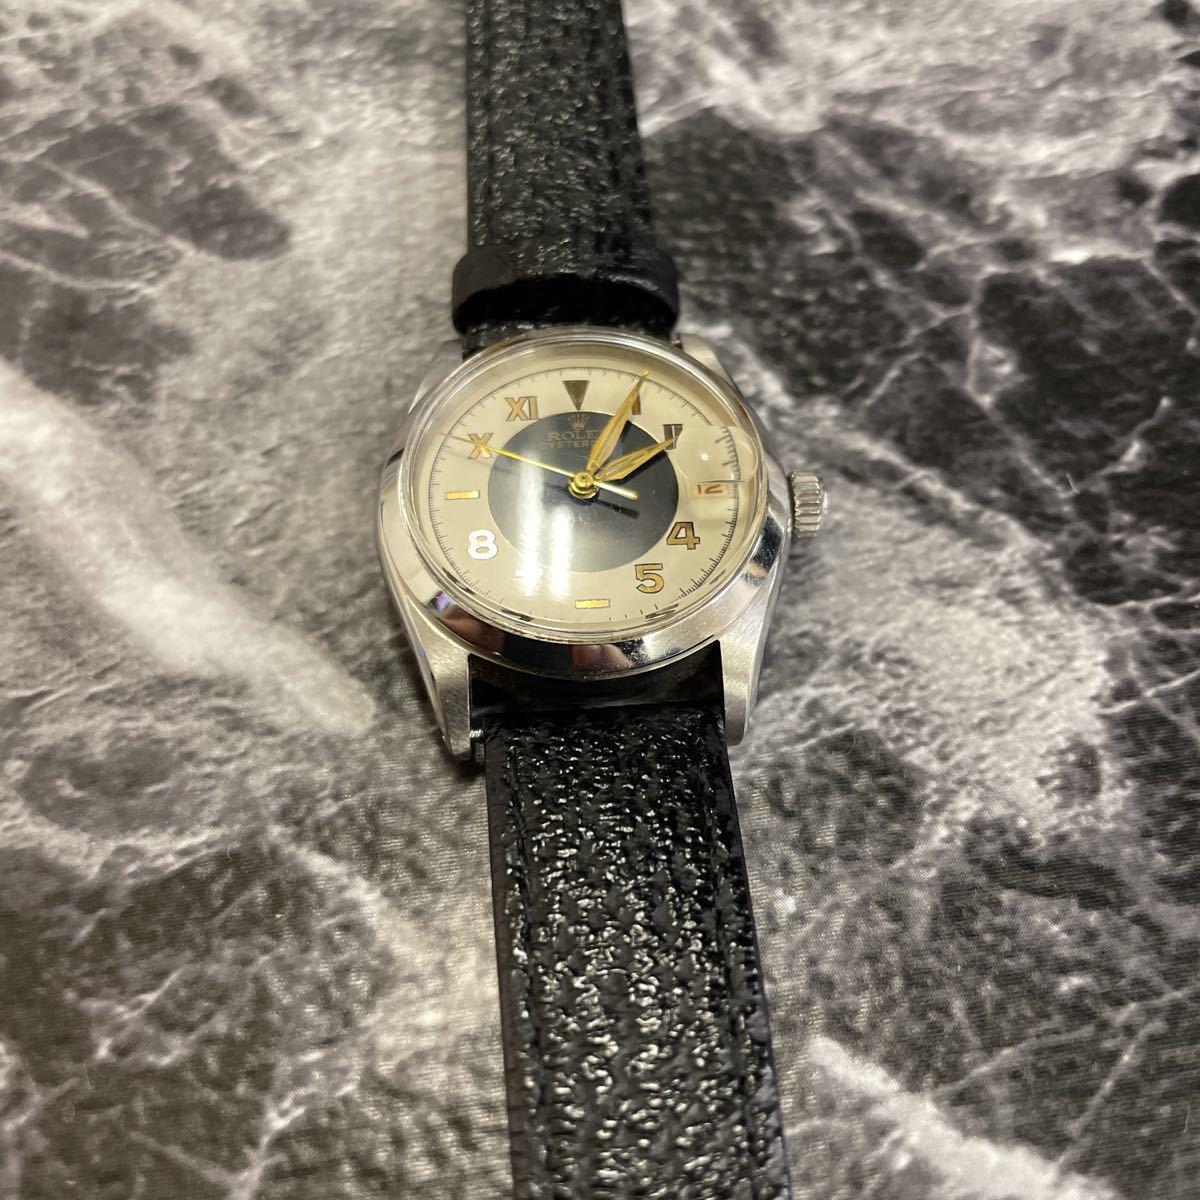 希少文字盤・稼働品・ROLEX ロレックス オイスターデイト プレシジョン 腕時計 ボーイズ メンズ 6466 17石 アンティーク 手巻き式//3260_画像3